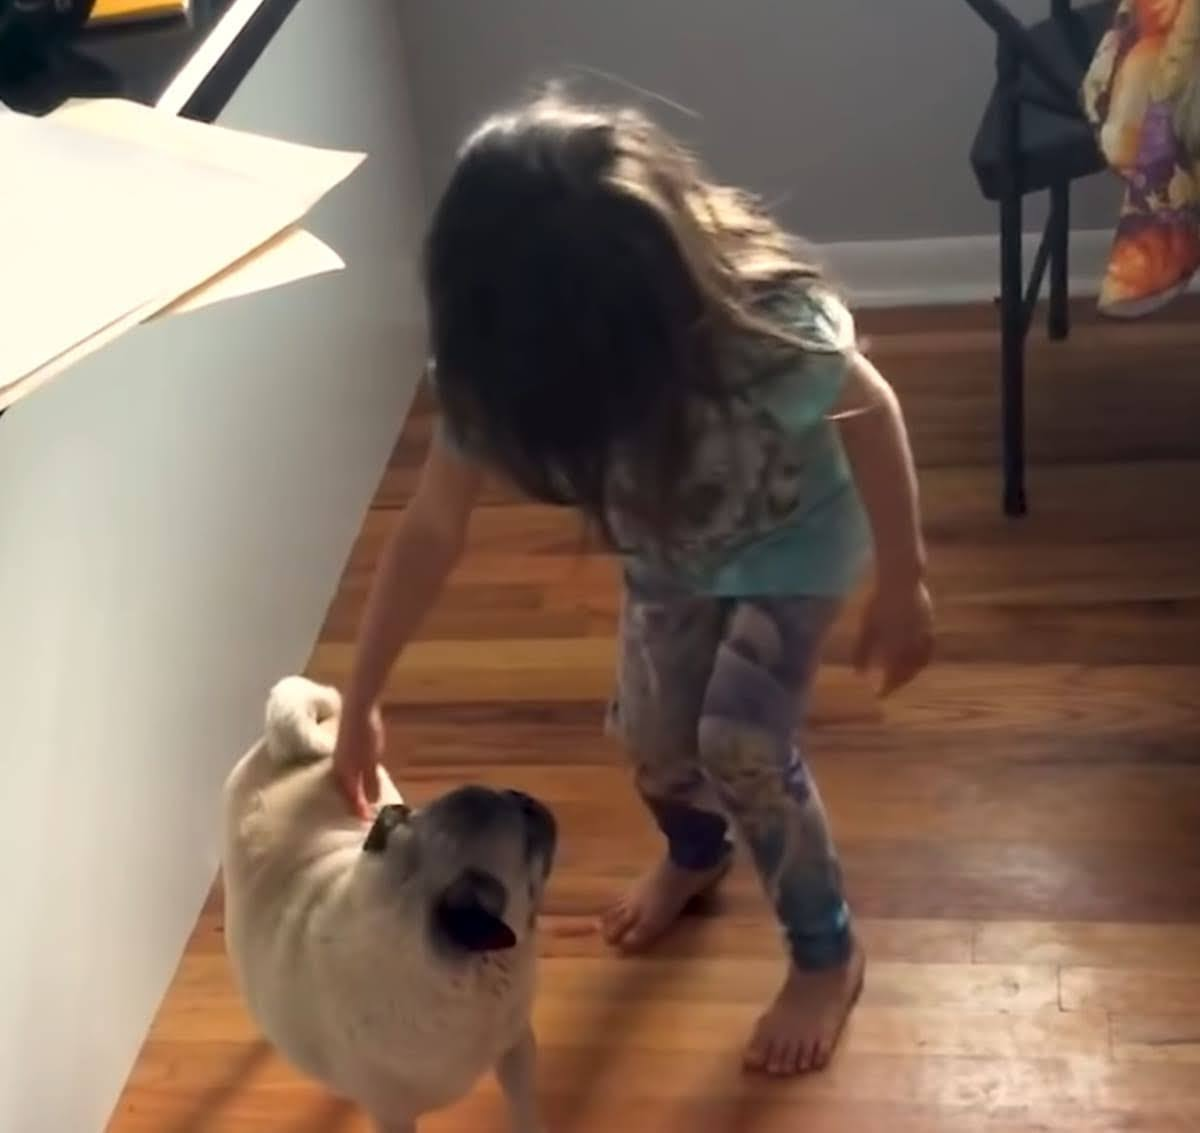 Best Pets of The Month: 2020年9月に癒やされた微笑ましい動物ビデオの総集編